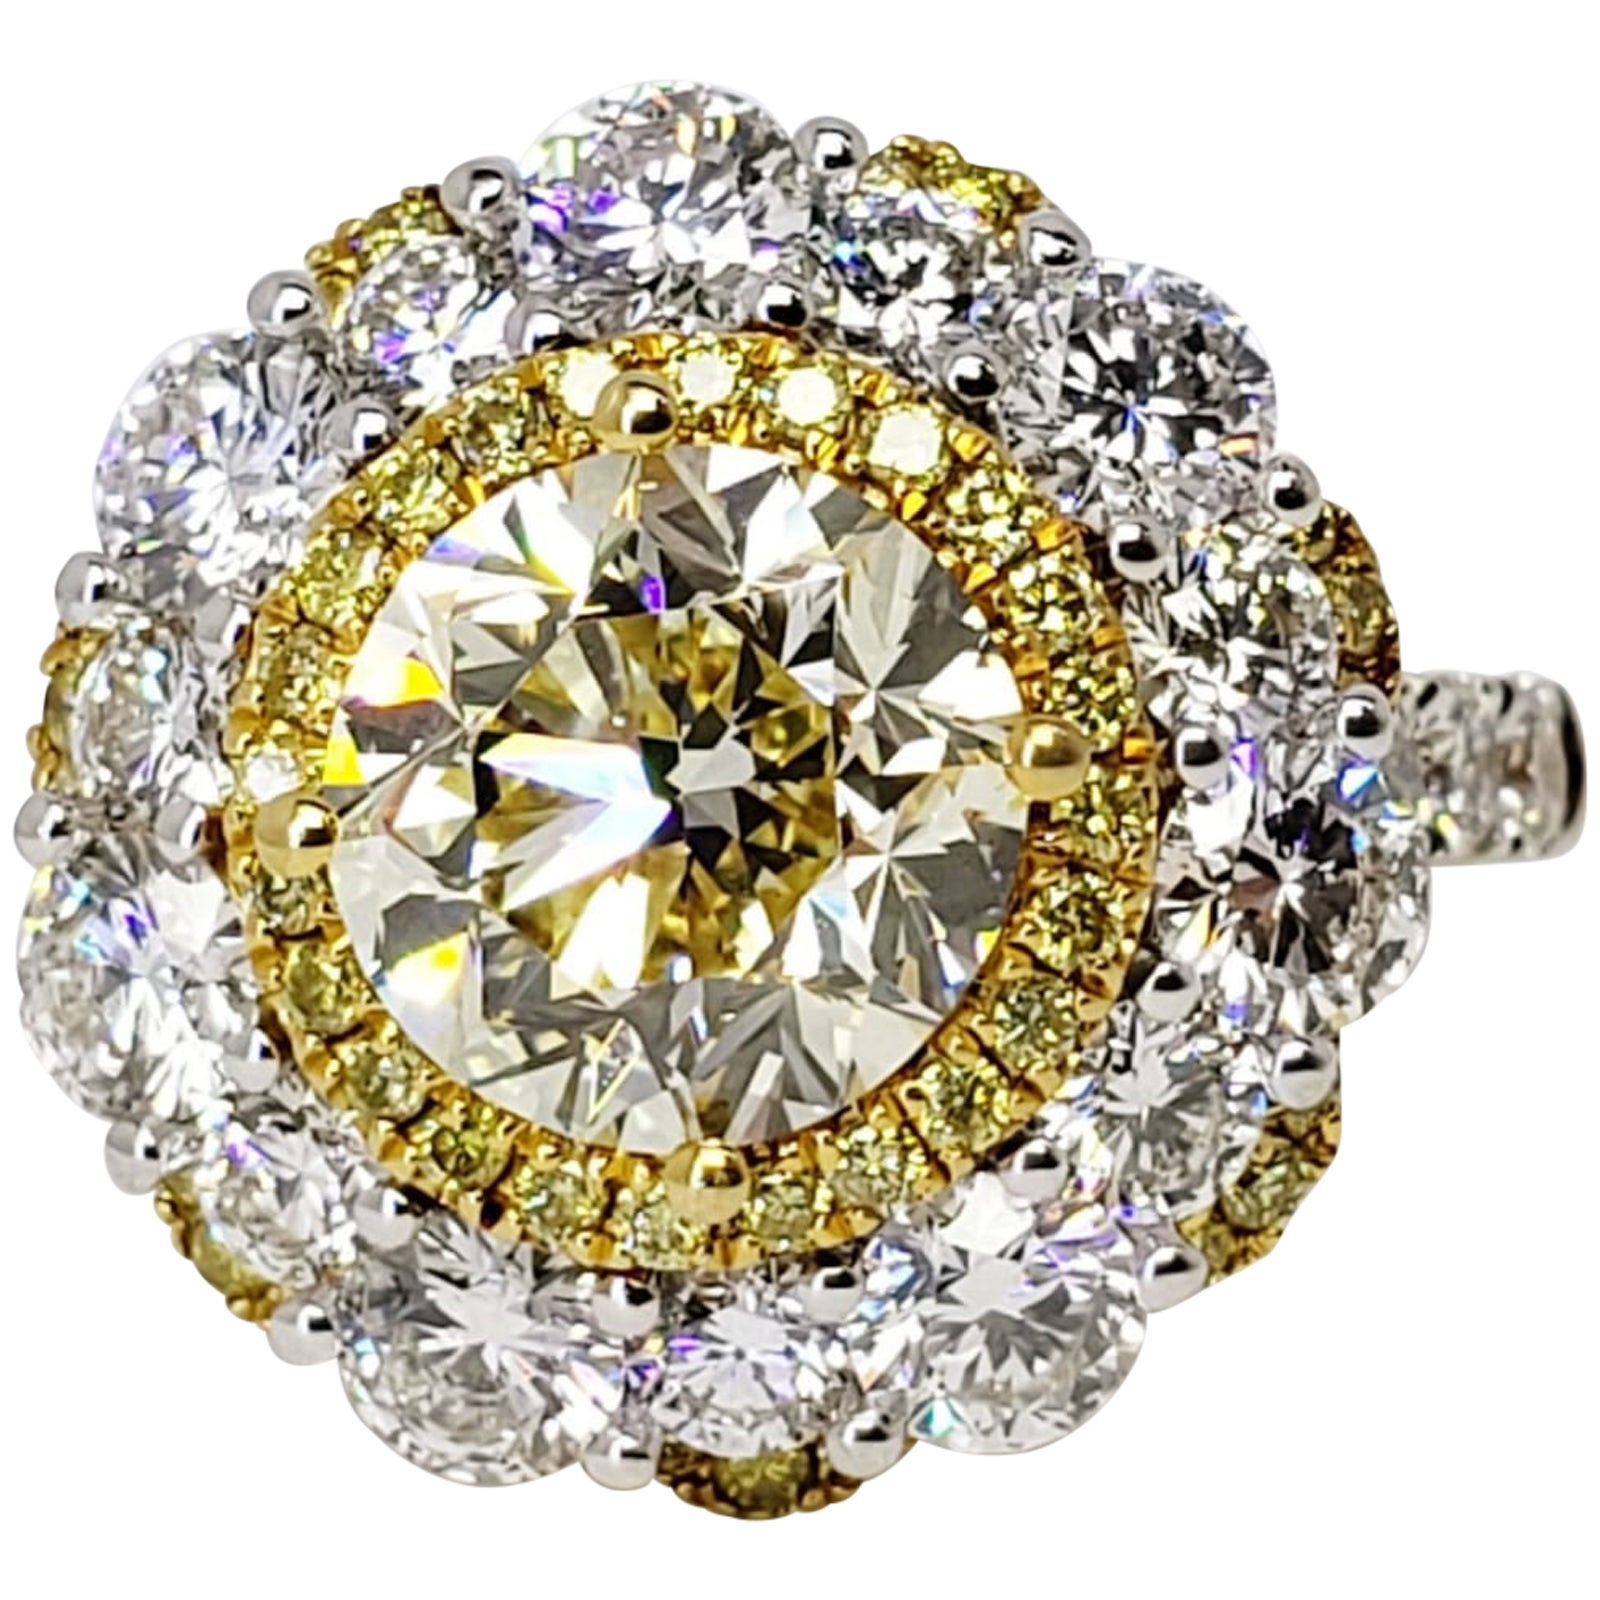 David Rosenberg 2.56 Carat Round Fancy Light Yellow VVS1 GIA Diamond Ring